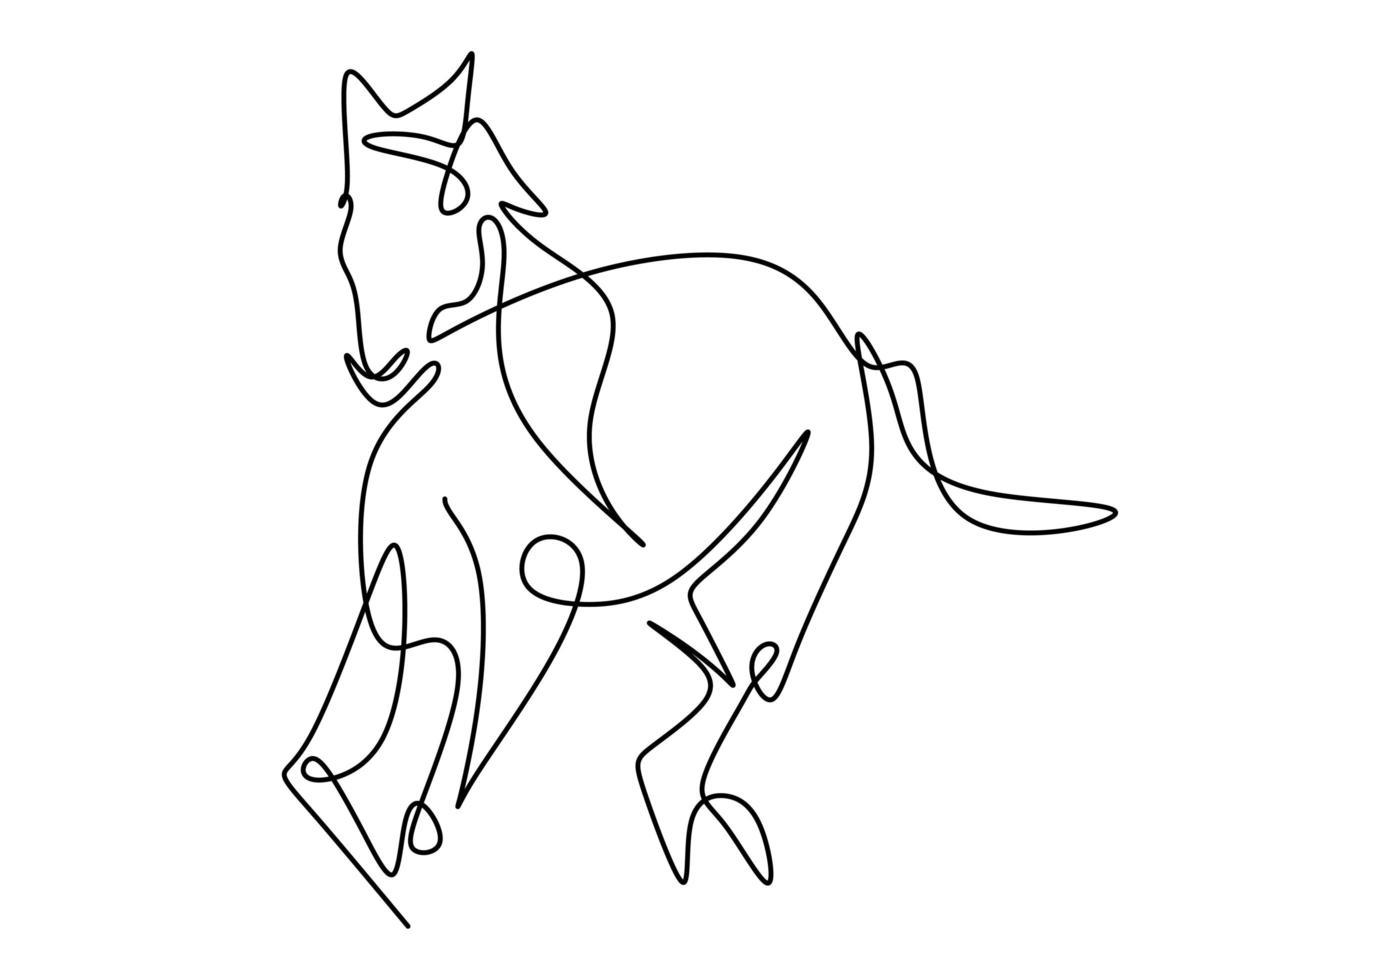 un dessin au trait unique de l'identité du logo de la société de chevaux d'élégance. cheval de course. poney cheval mammifère symbole animal concept. continue une ligne simple vecteur